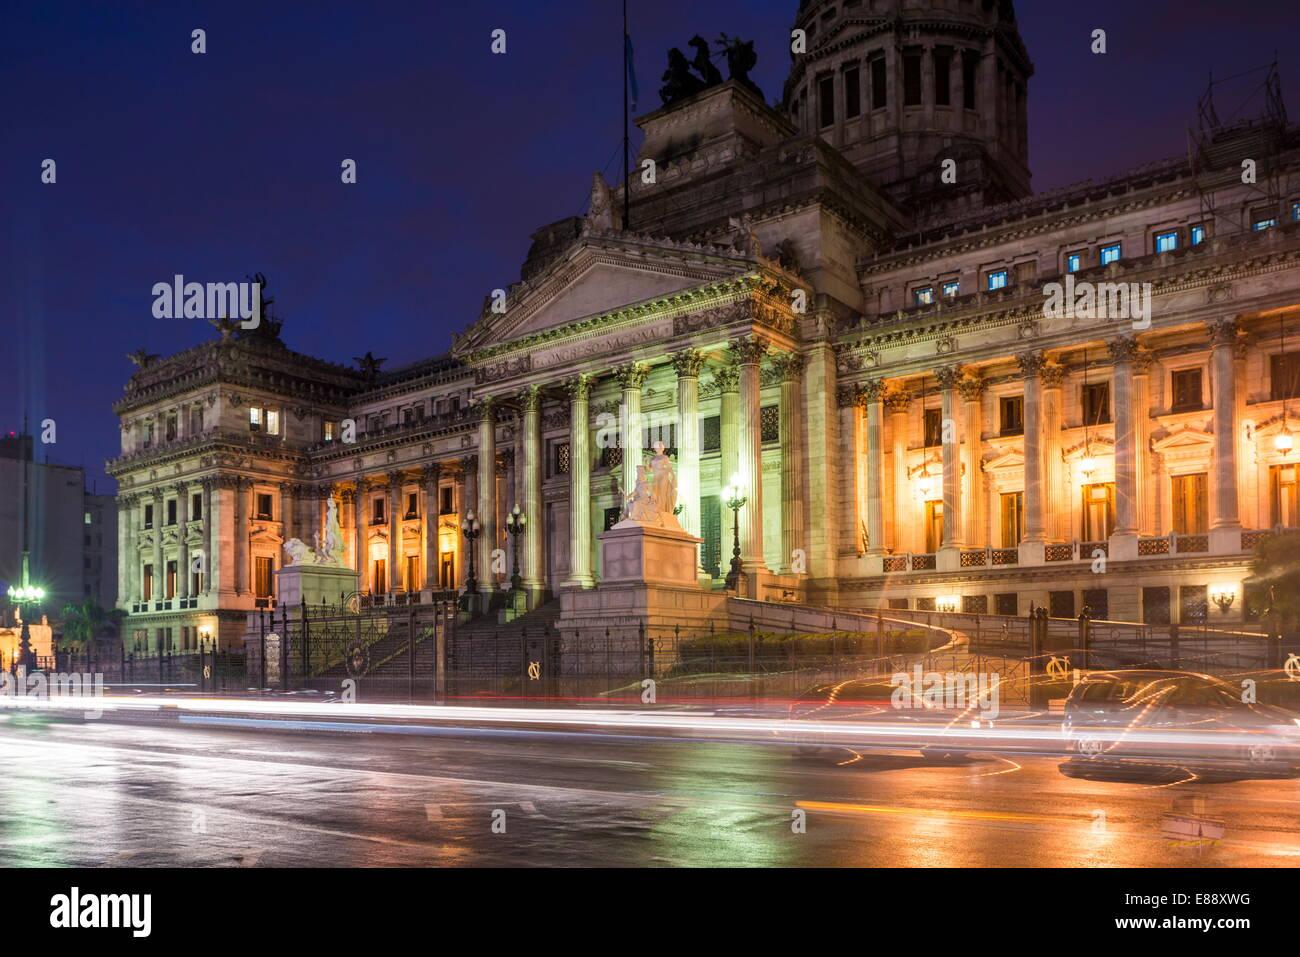 Palacio del Congreso di notte, Buenos Aires, Argentina, Sud America Immagini Stock